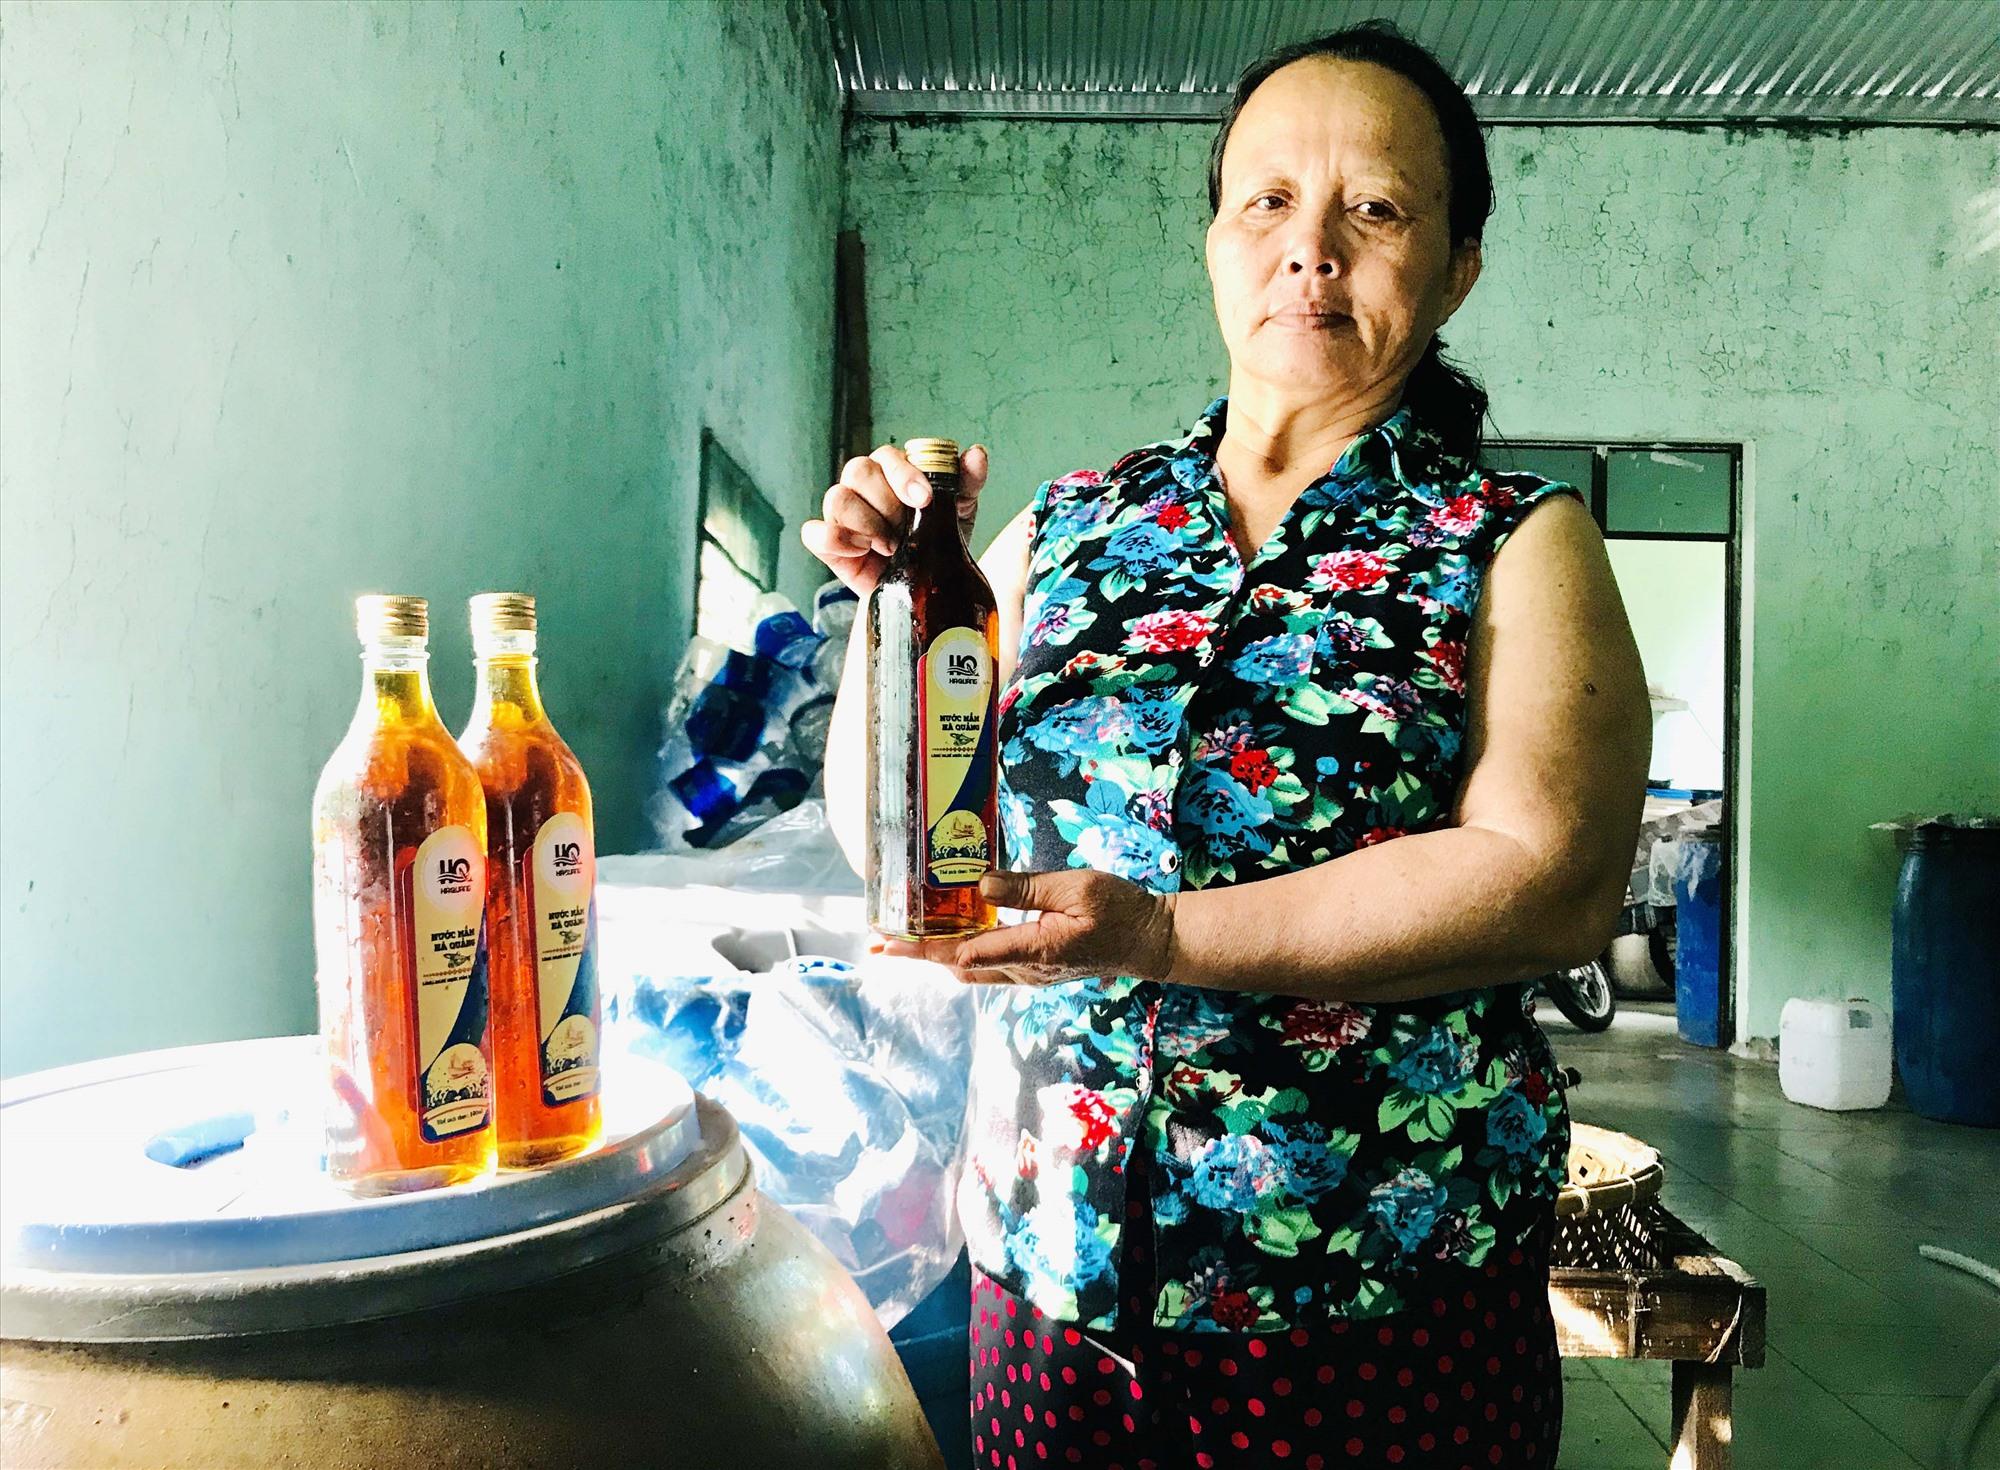 Sản phẩm nước mắm Hà Quảng vừa được công nhận sản phẩm OCOP 3 sao của tỉnh Quảng Nam. Ảnh: H.S